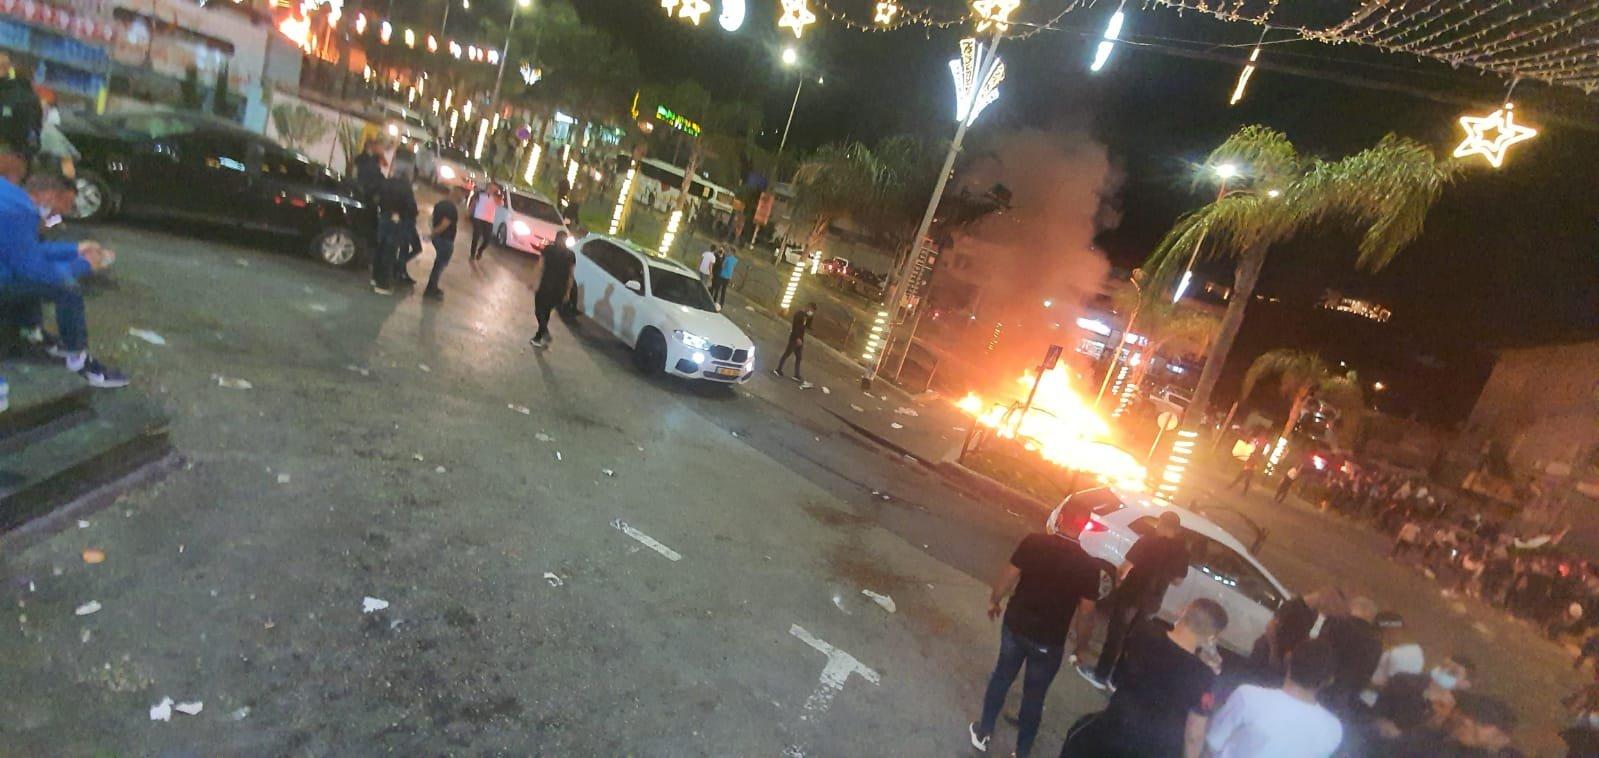 تابعوا الأخبار من مختلف البلدات: مظاهرات حاشدة، اليكم الملخص والصور-13